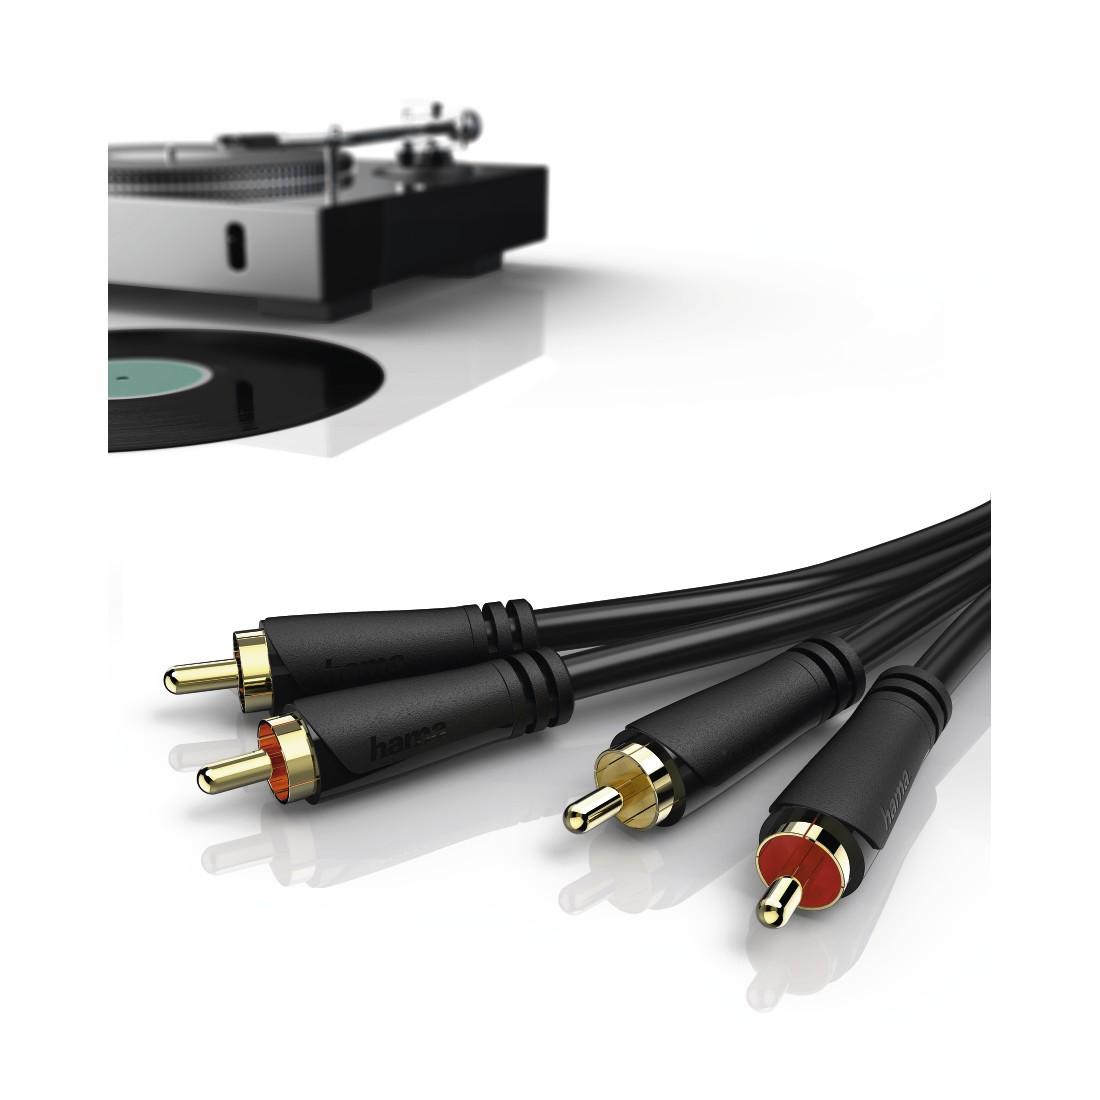 00181410 hama audio kabel 2 cinch stecker 2 cinch. Black Bedroom Furniture Sets. Home Design Ideas